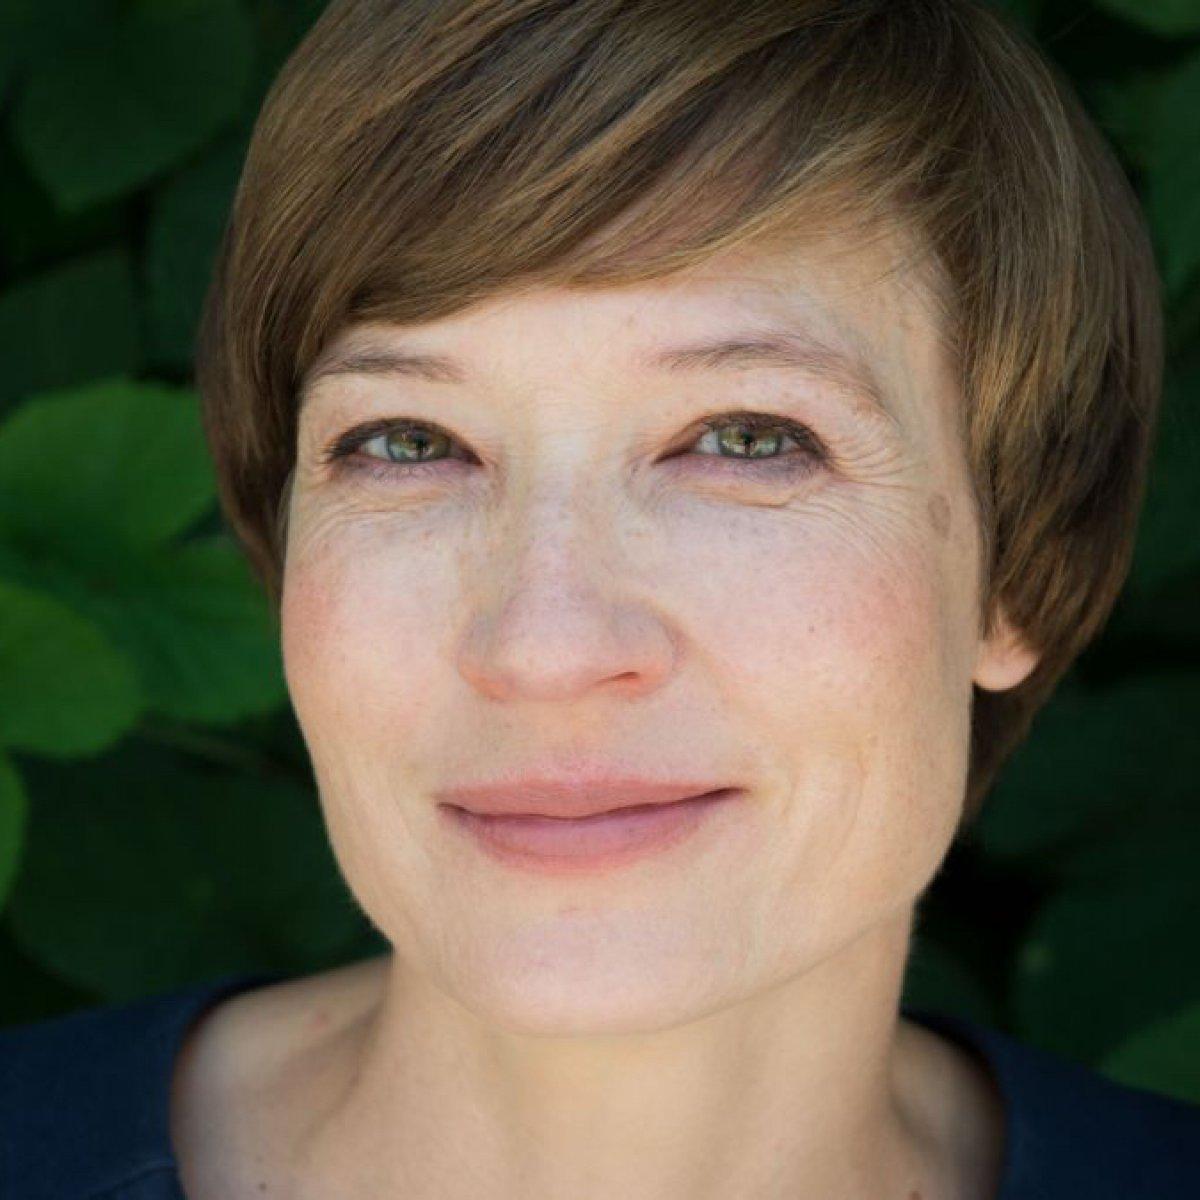 Petra Ahne ist eine sehr schöne Frau. Sie sieht der Schauspielerin Cate Blanchett ein bisschen ähnlich.